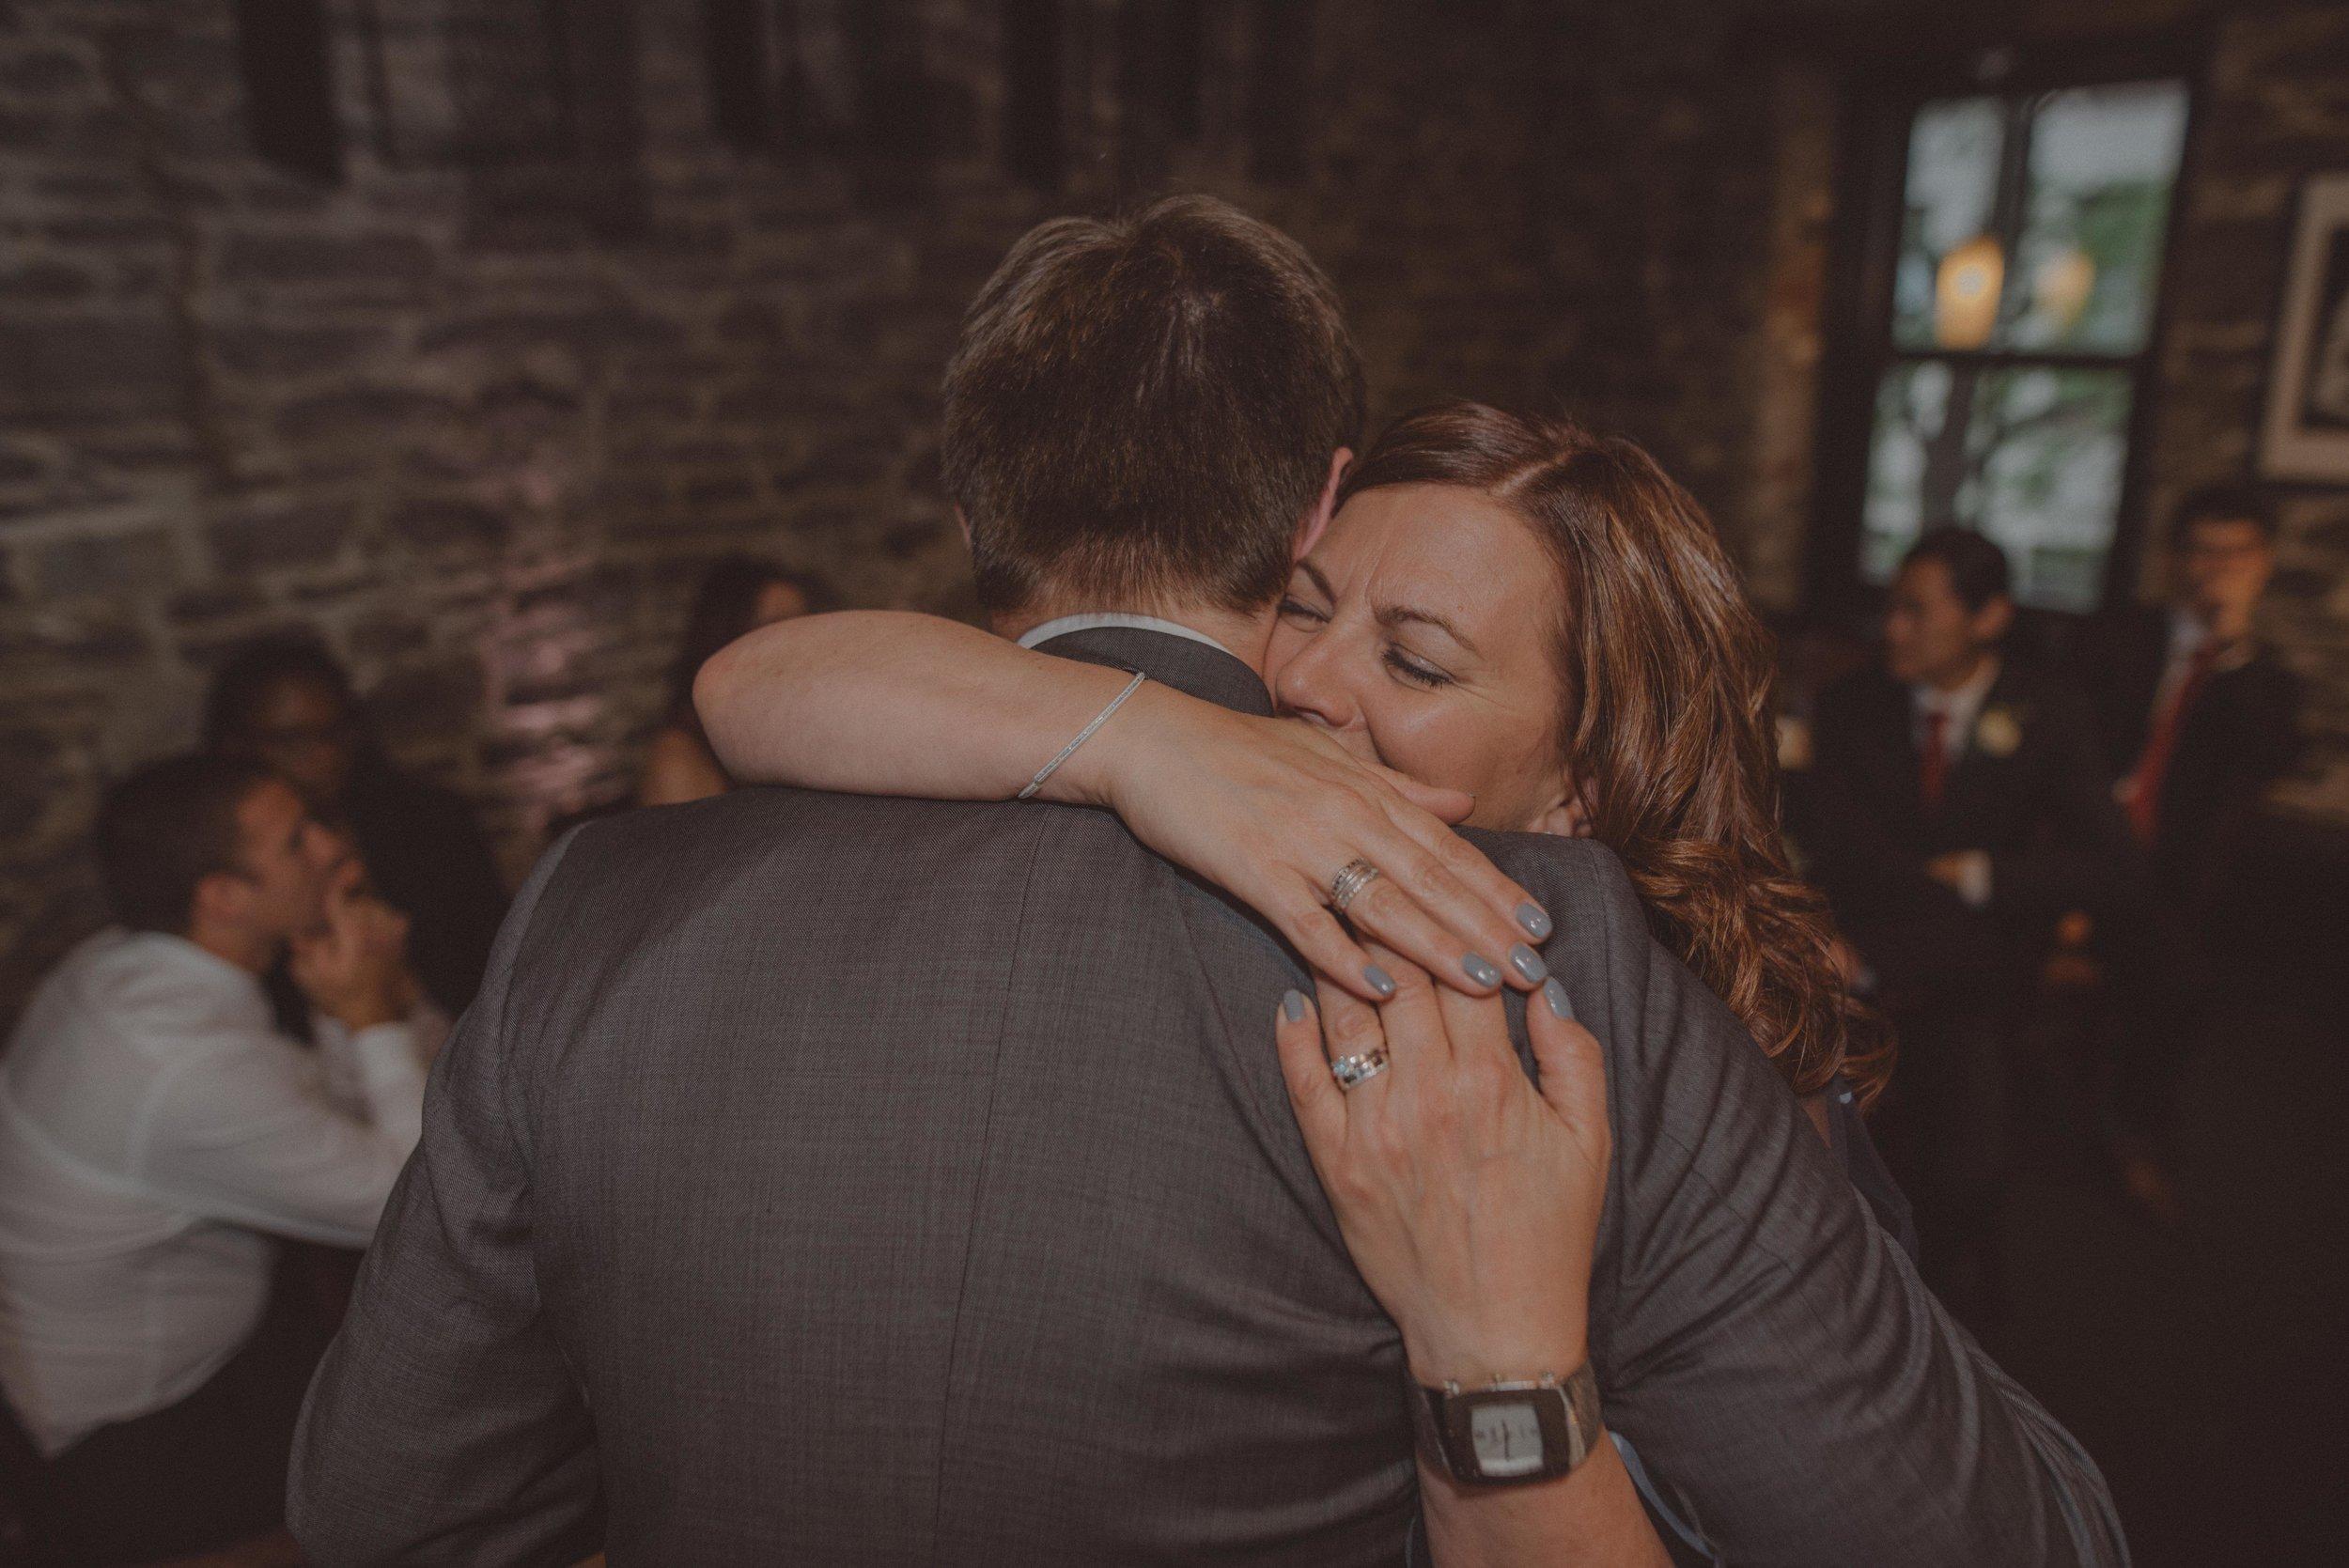 wedding_photographer_lifestyle_documentary_photographe_ottawa_gatineau-8.jpg